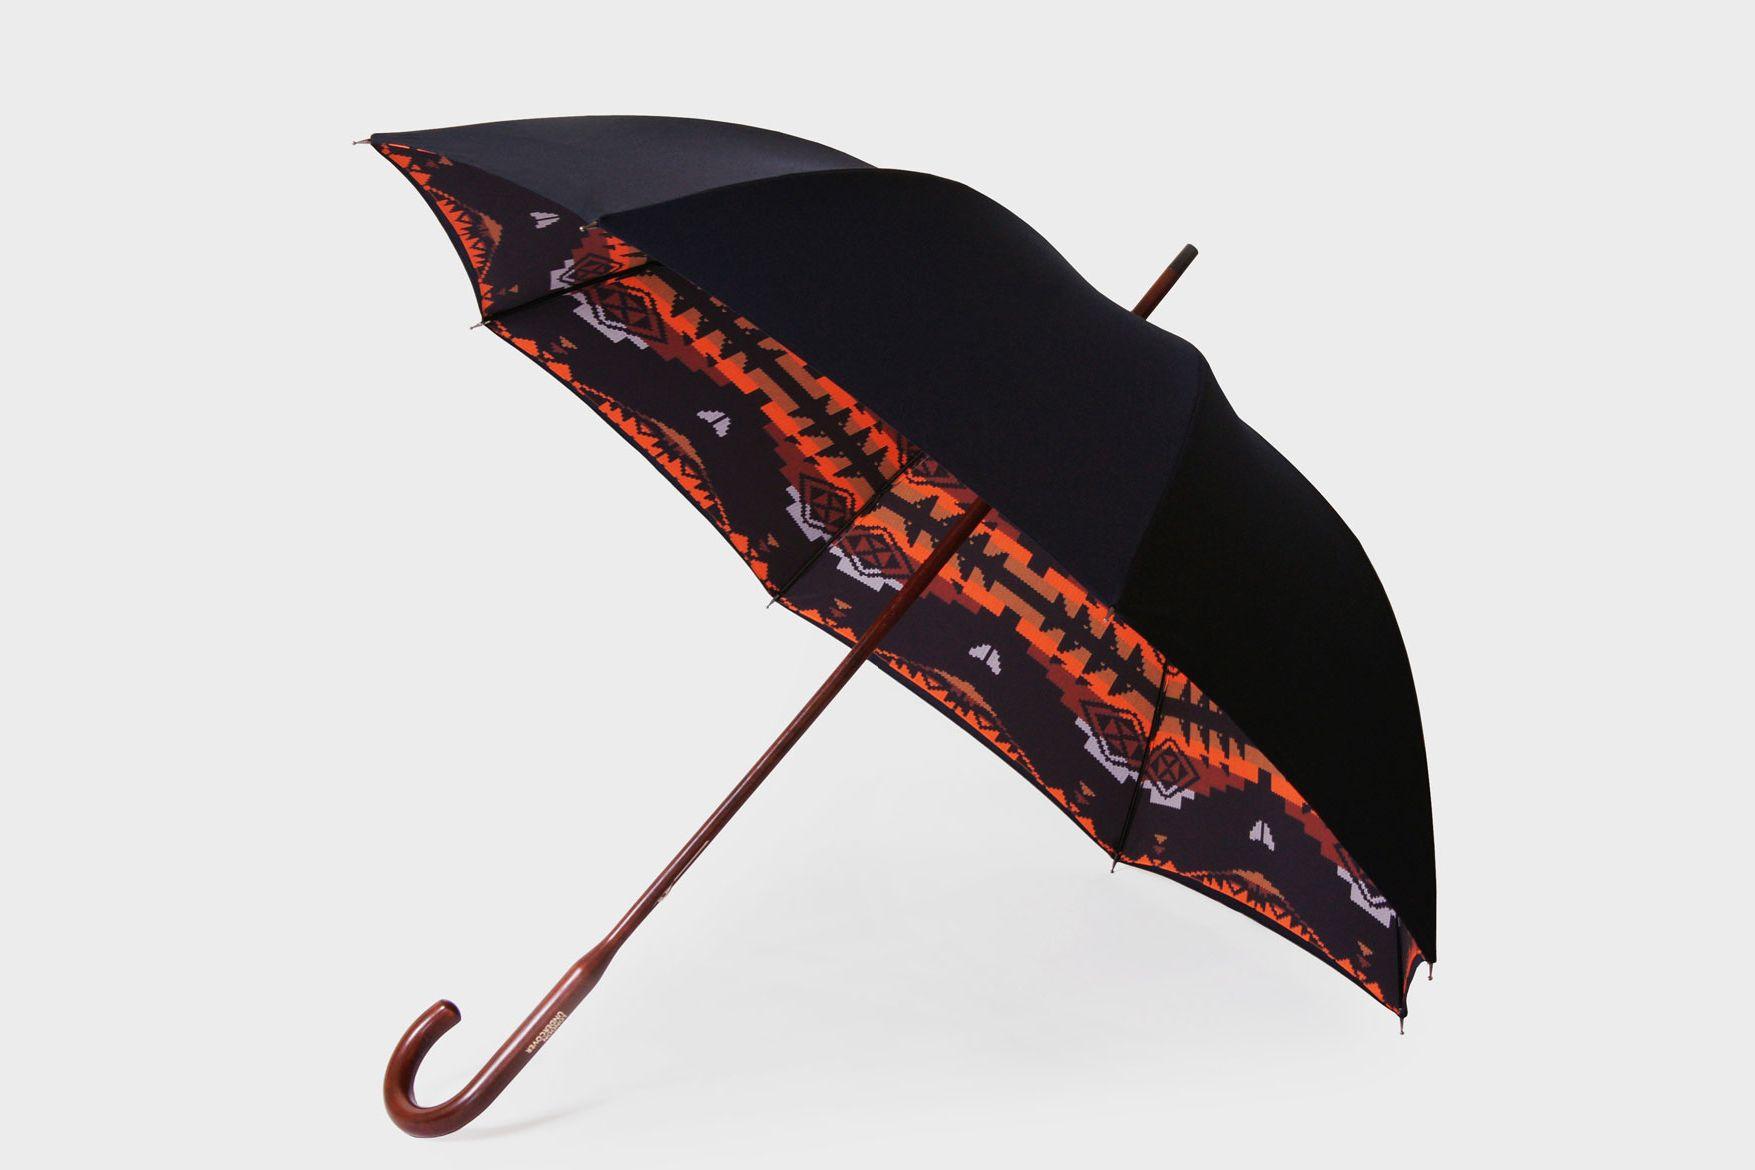 from Brendan dating umbrellas